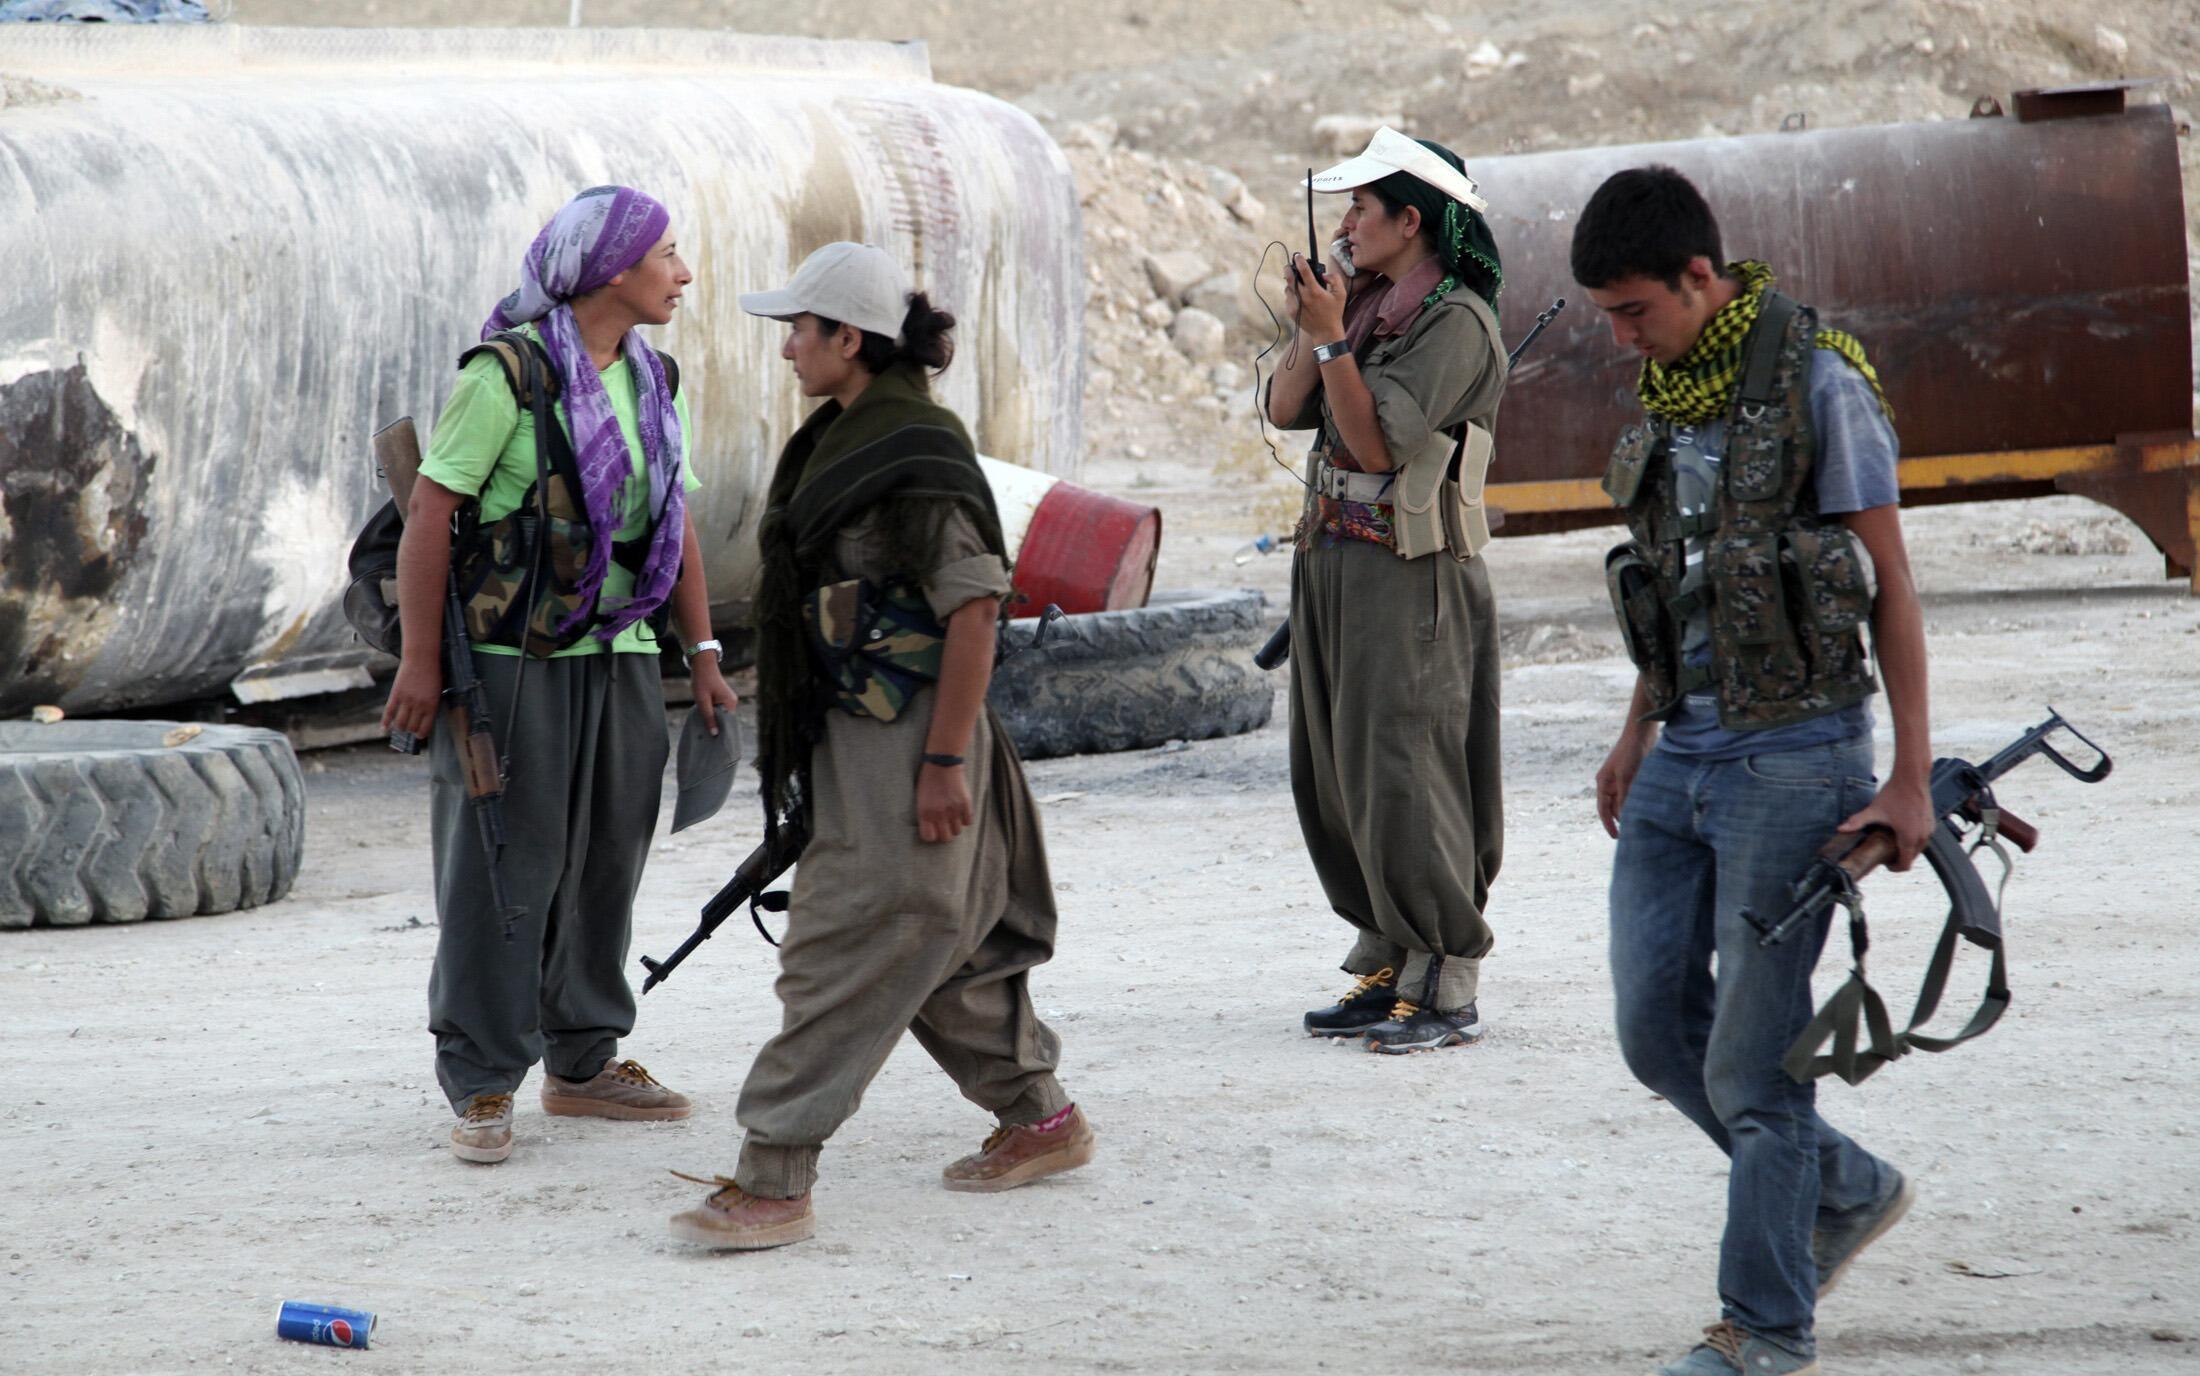 Milicianos del Partido de los Trabajadores del Kurdistán (PKK) en el frente contra los yihadistas del Estado Islámico, Makhmur, 9 de agosto de 2014.